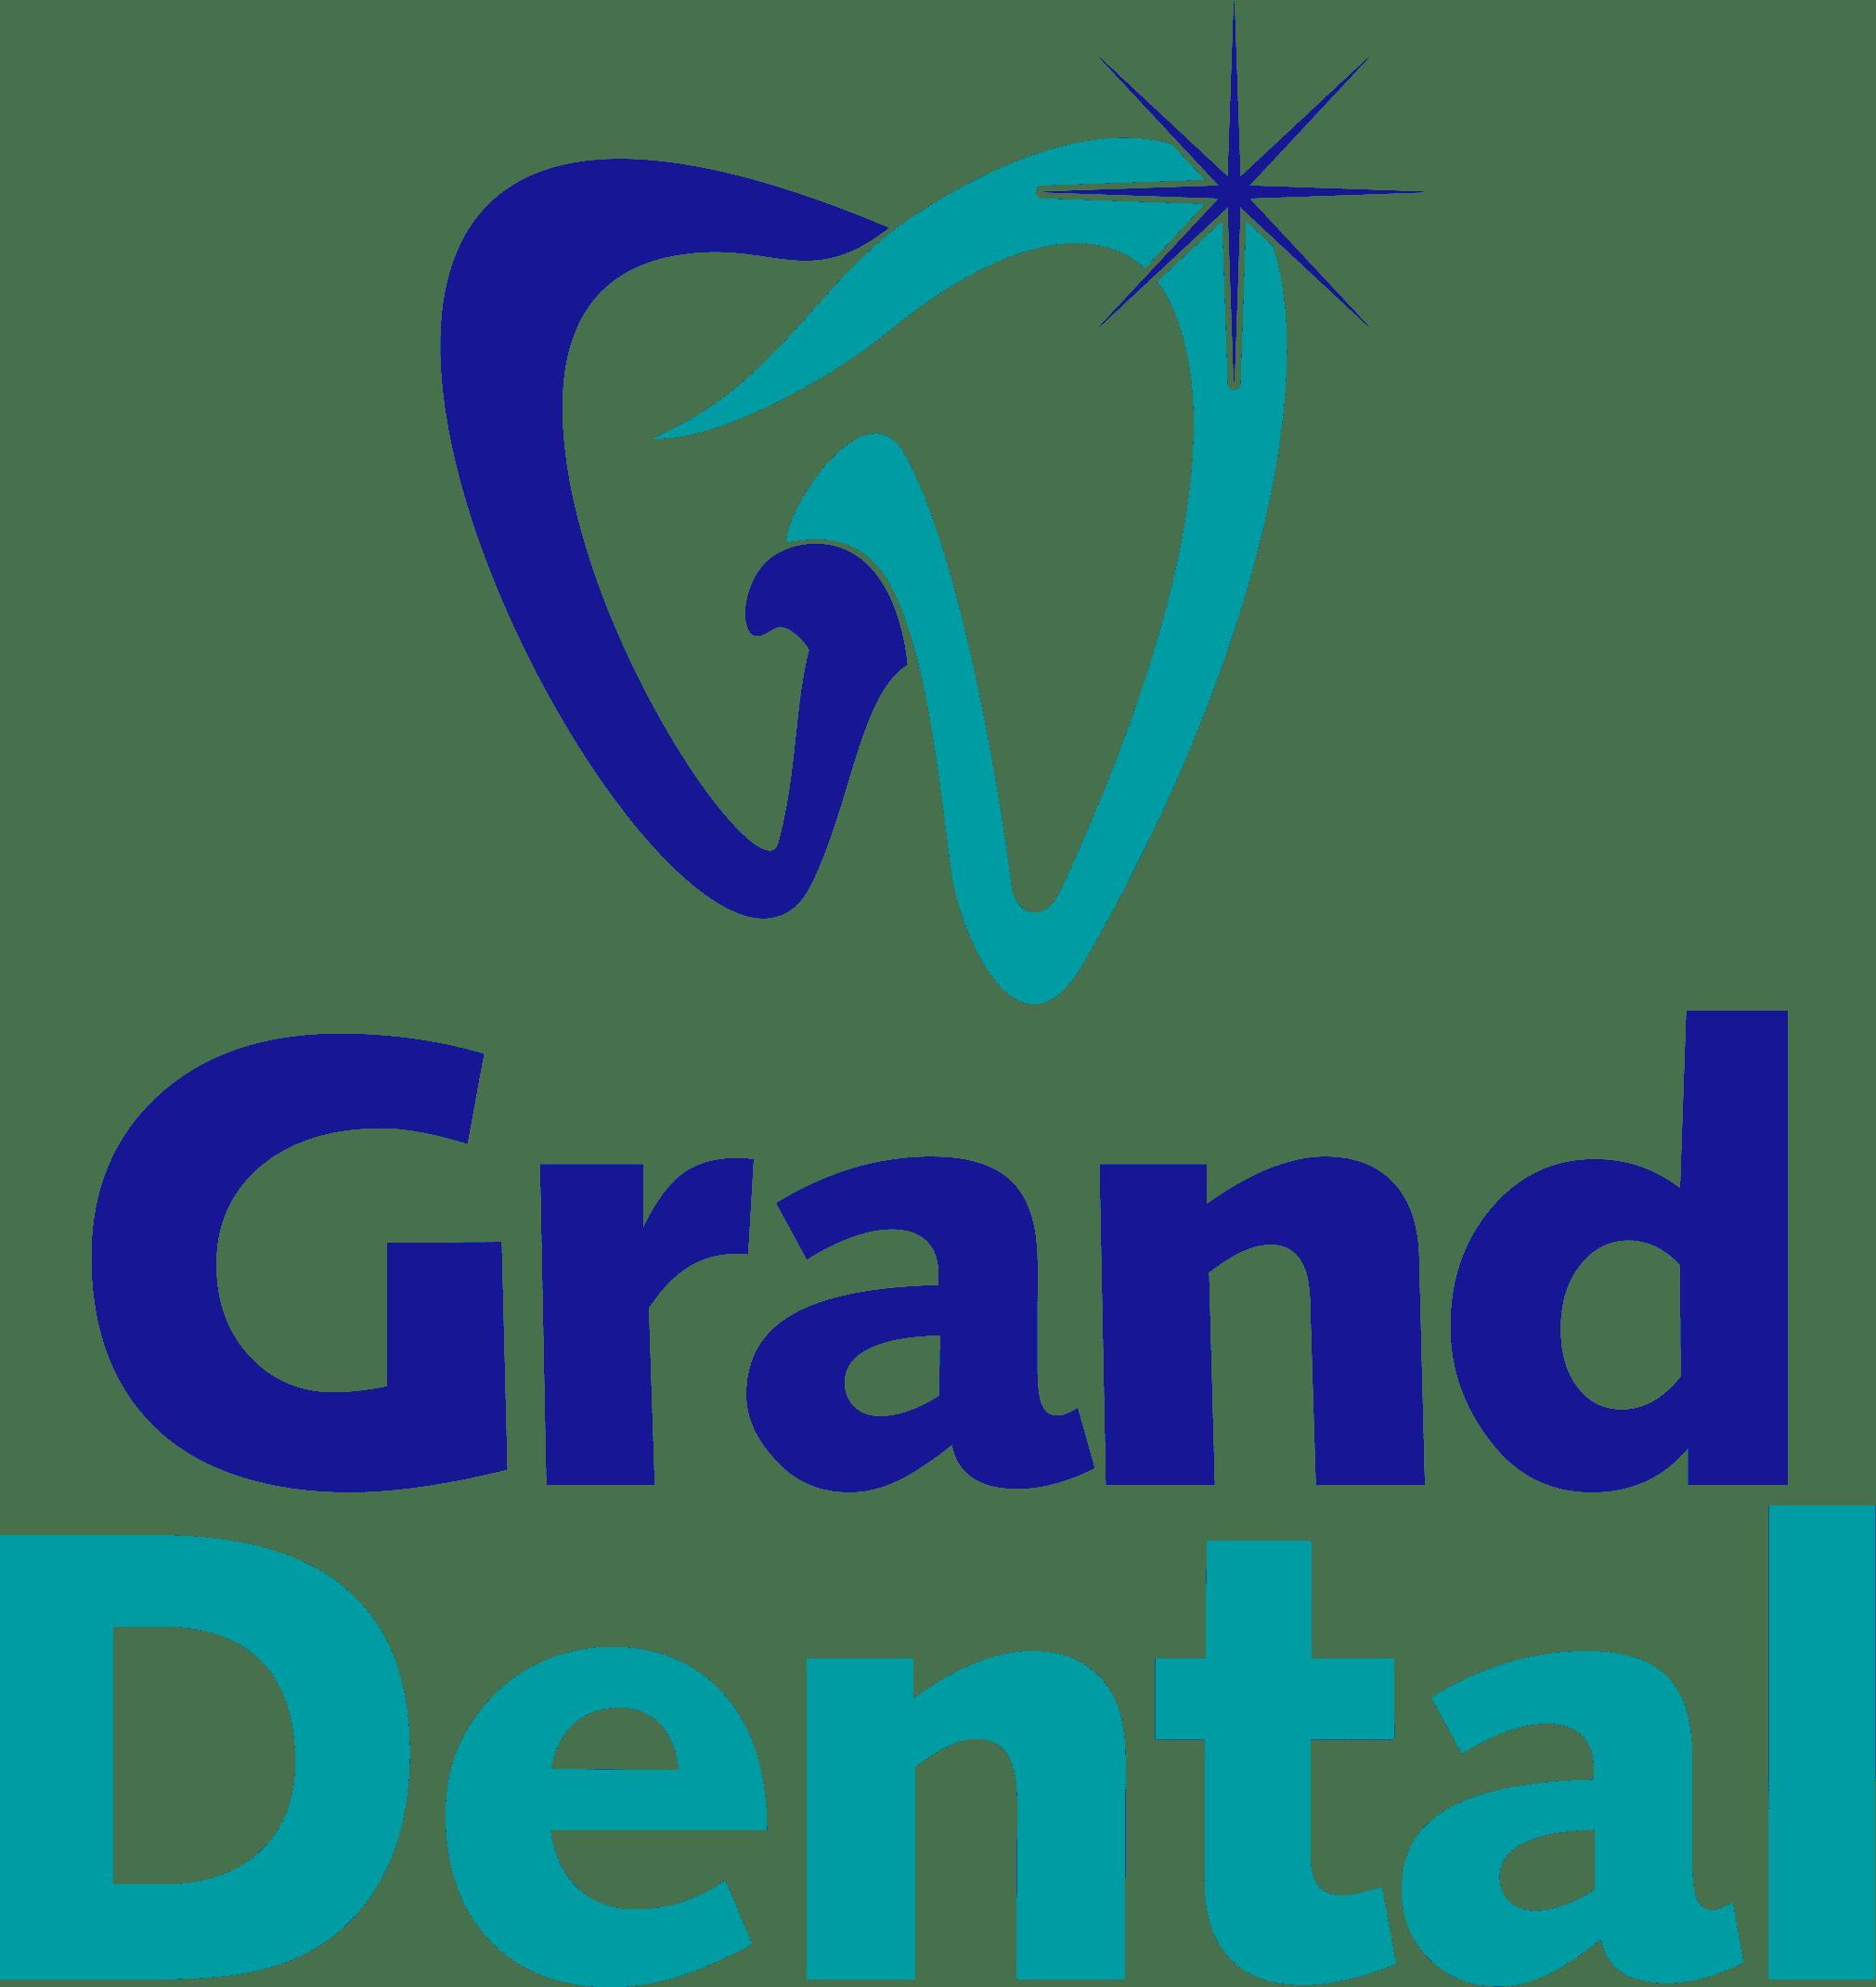 Grand Dental Logo Opens in new window